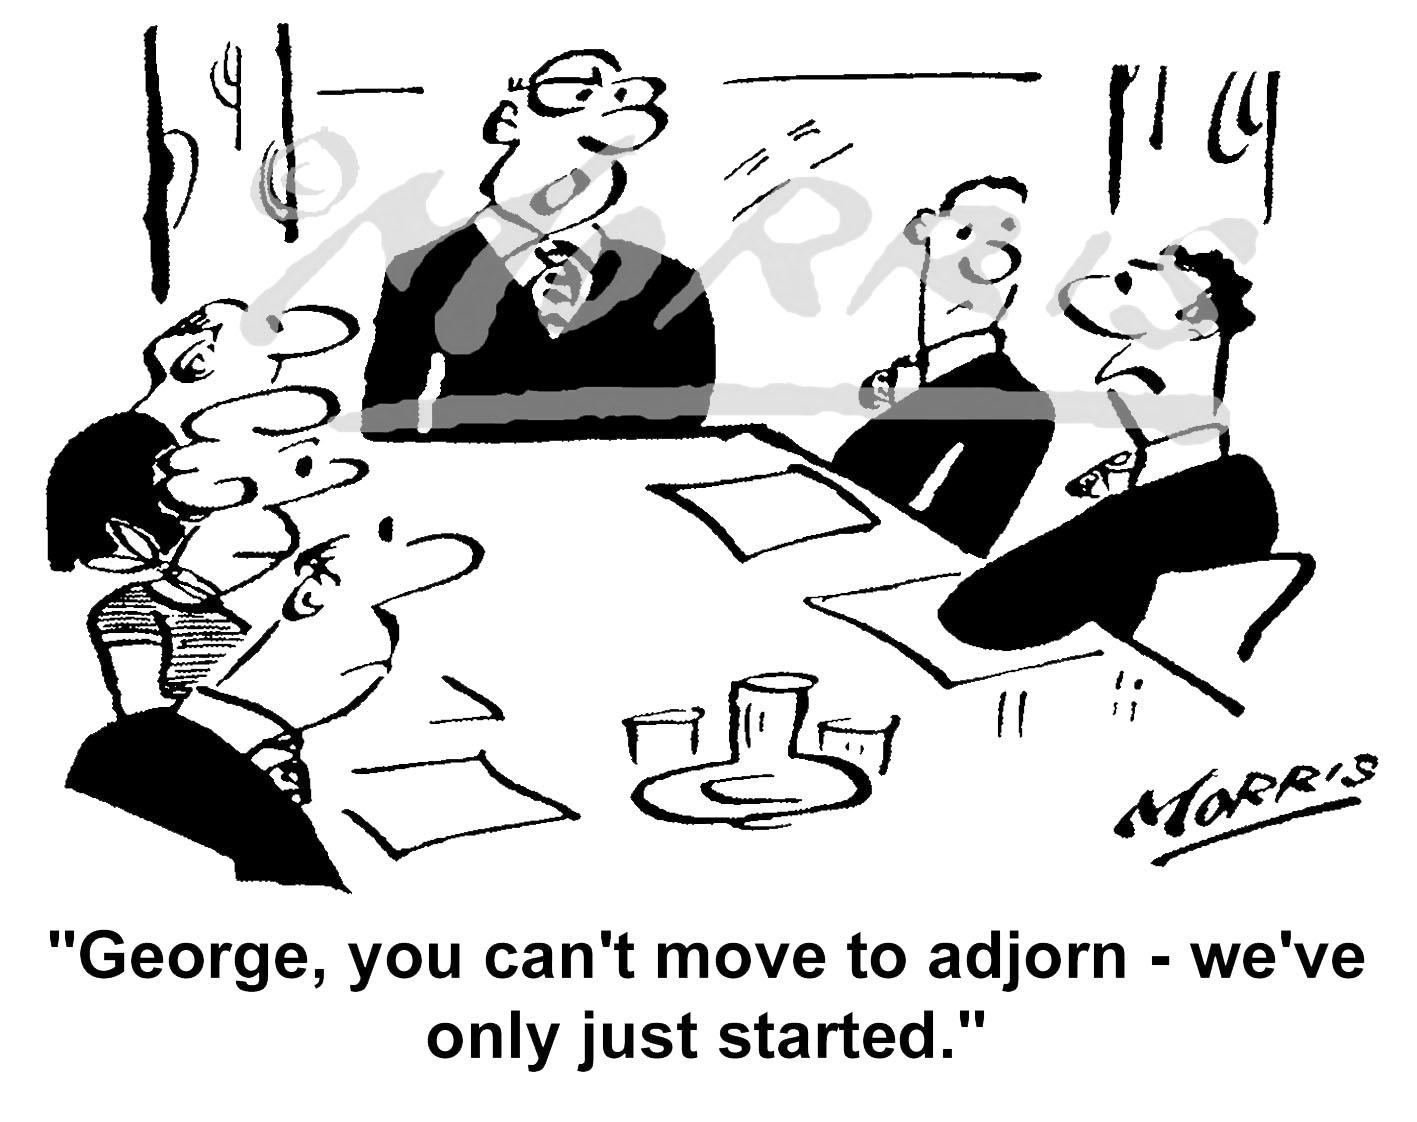 Boardroom meeting cartoon, Chairman cartoon, CEO cartoon, Managing Director cartoon – Ref: 5538bw